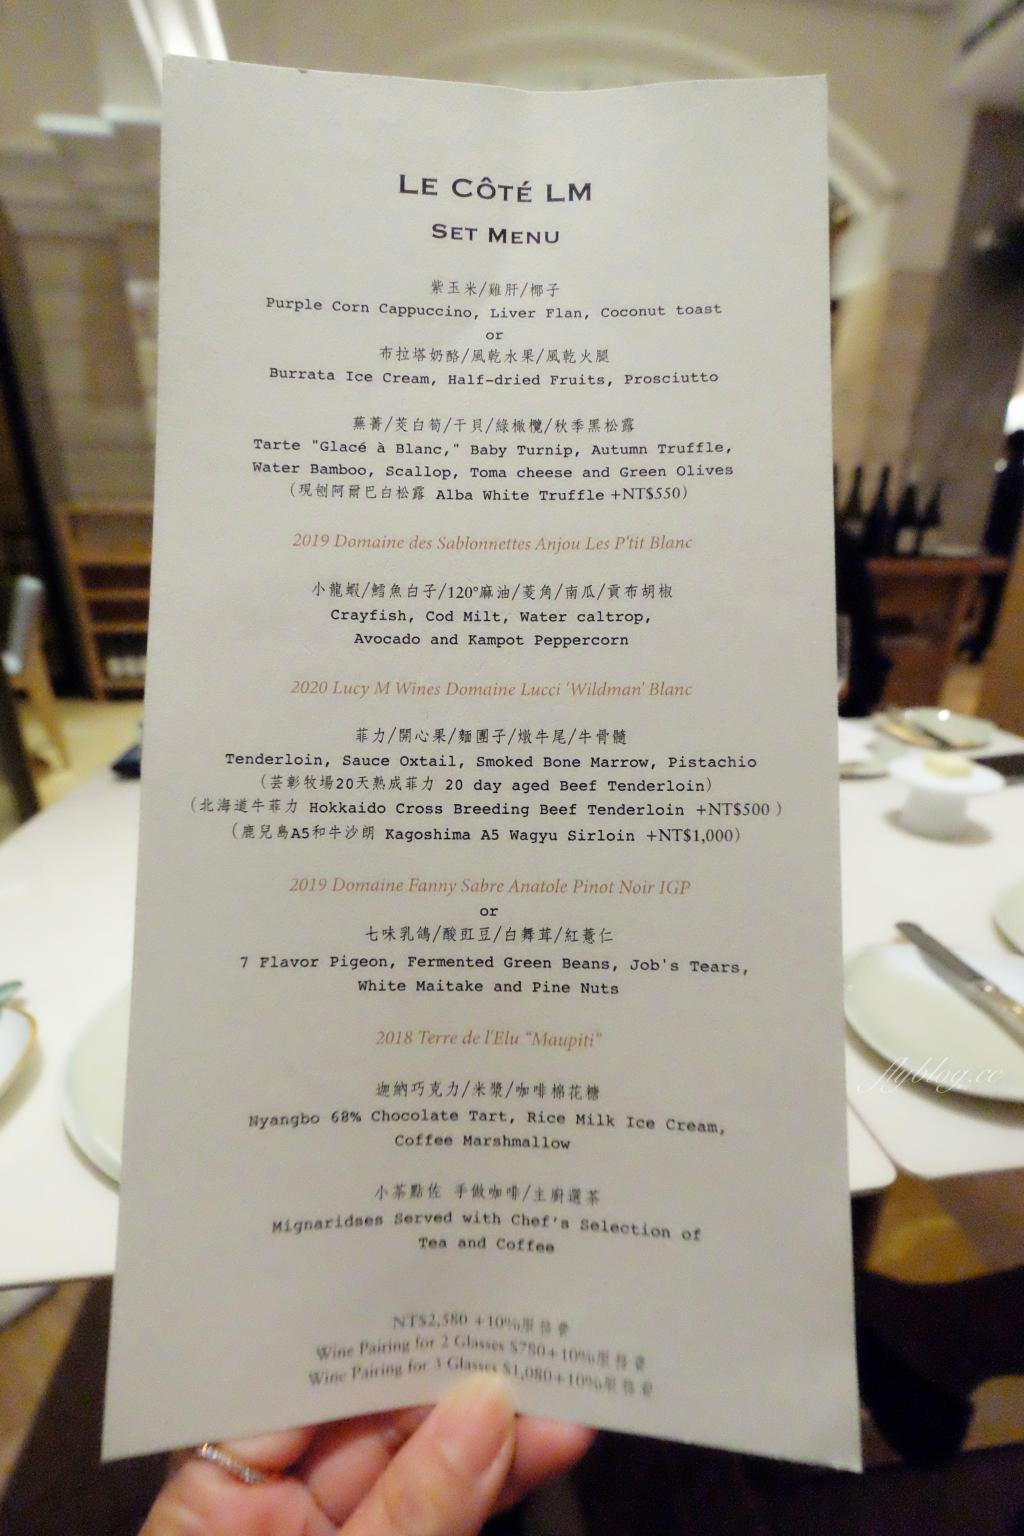 小樂沐:陳嵐舒最近力作,承襲樂沐精神,用餐氛圍更輕鬆 @飛天璇的口袋